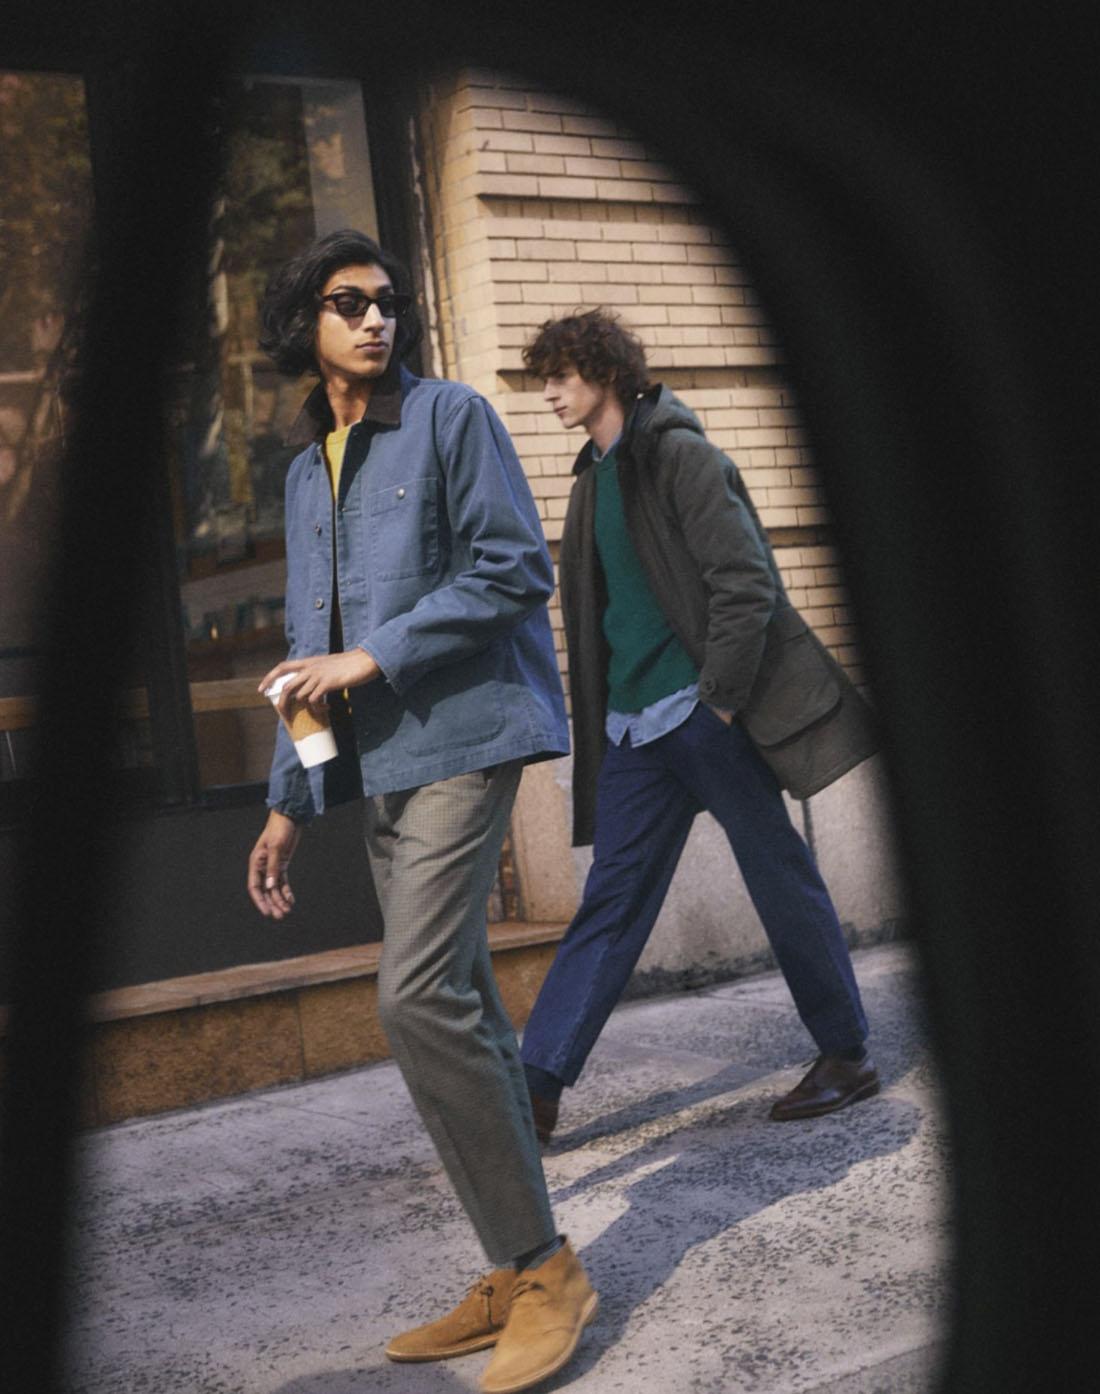 man wearing a blue coat jacket walking on sidewalk